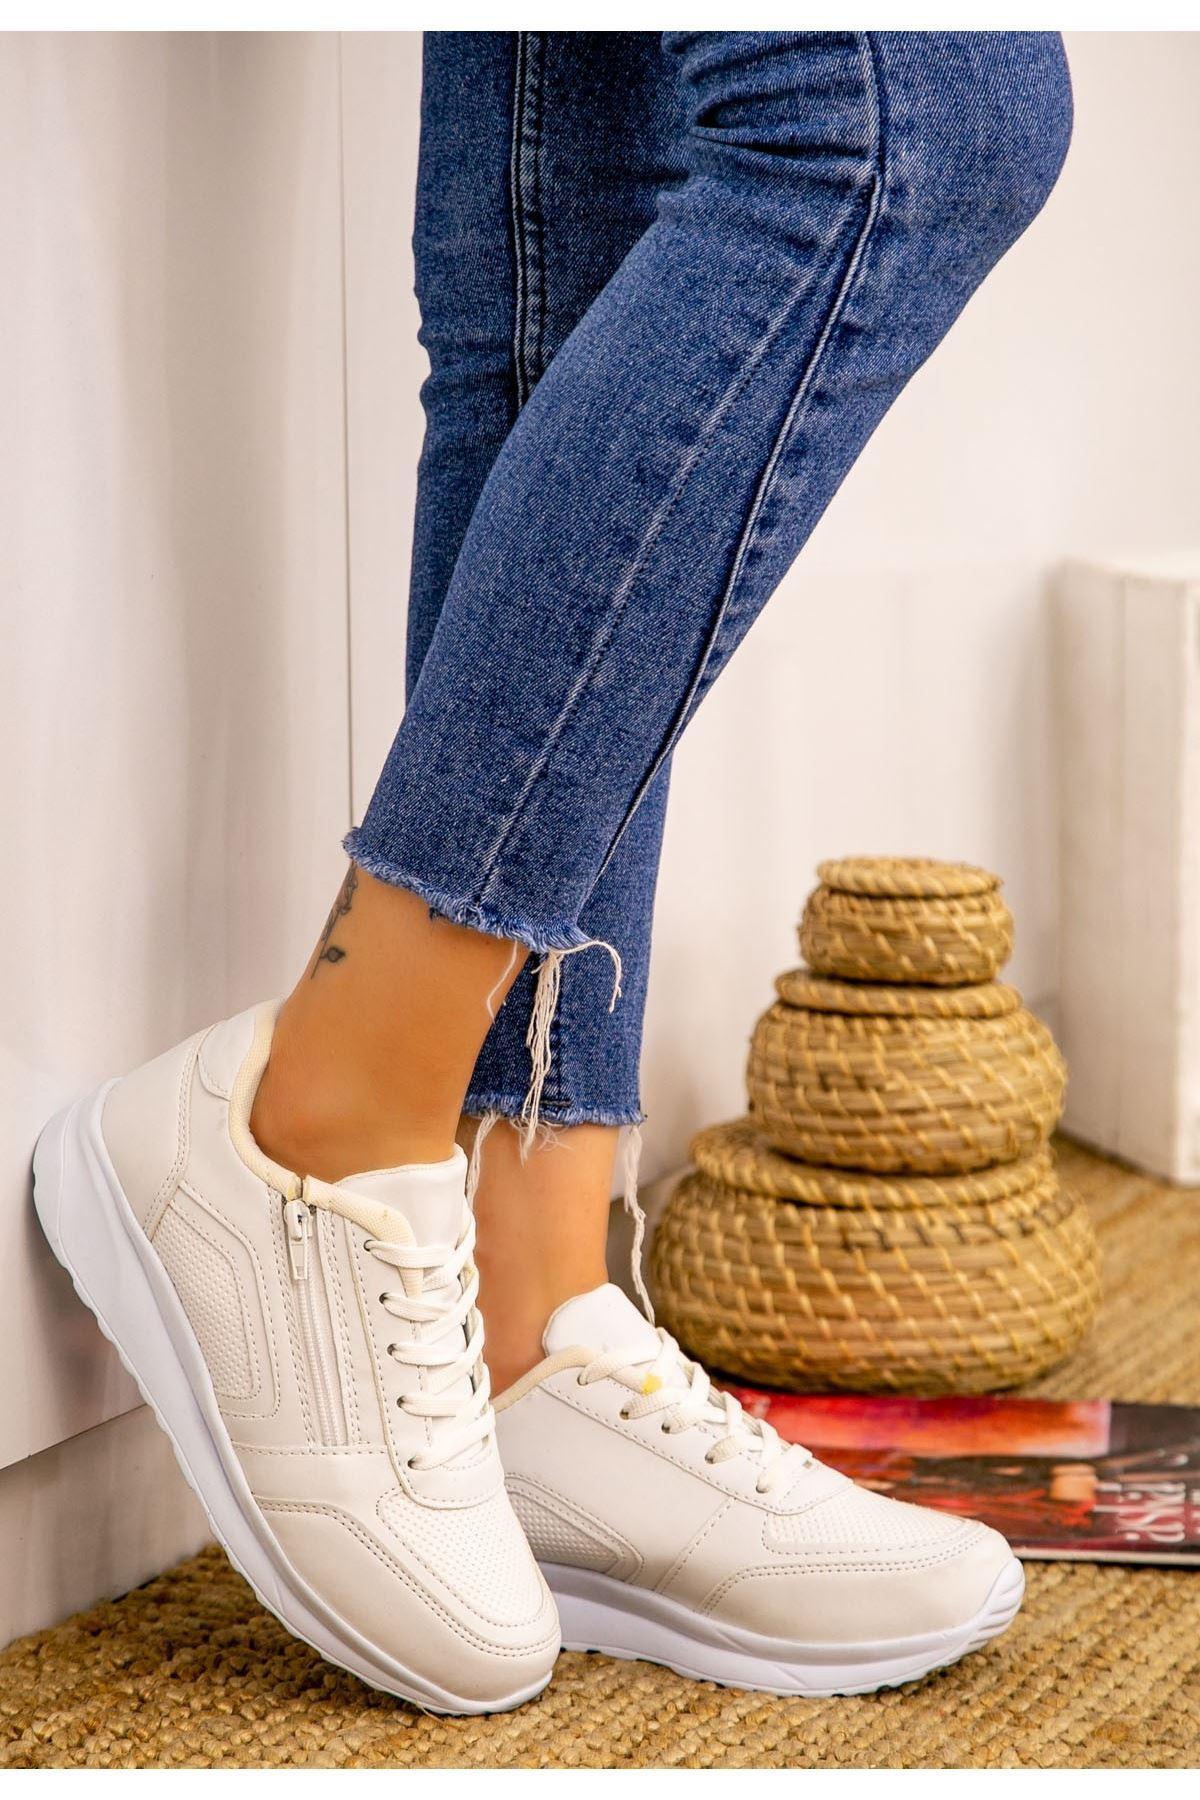 Warm Beyaz Cilt Spor Ayakkabı